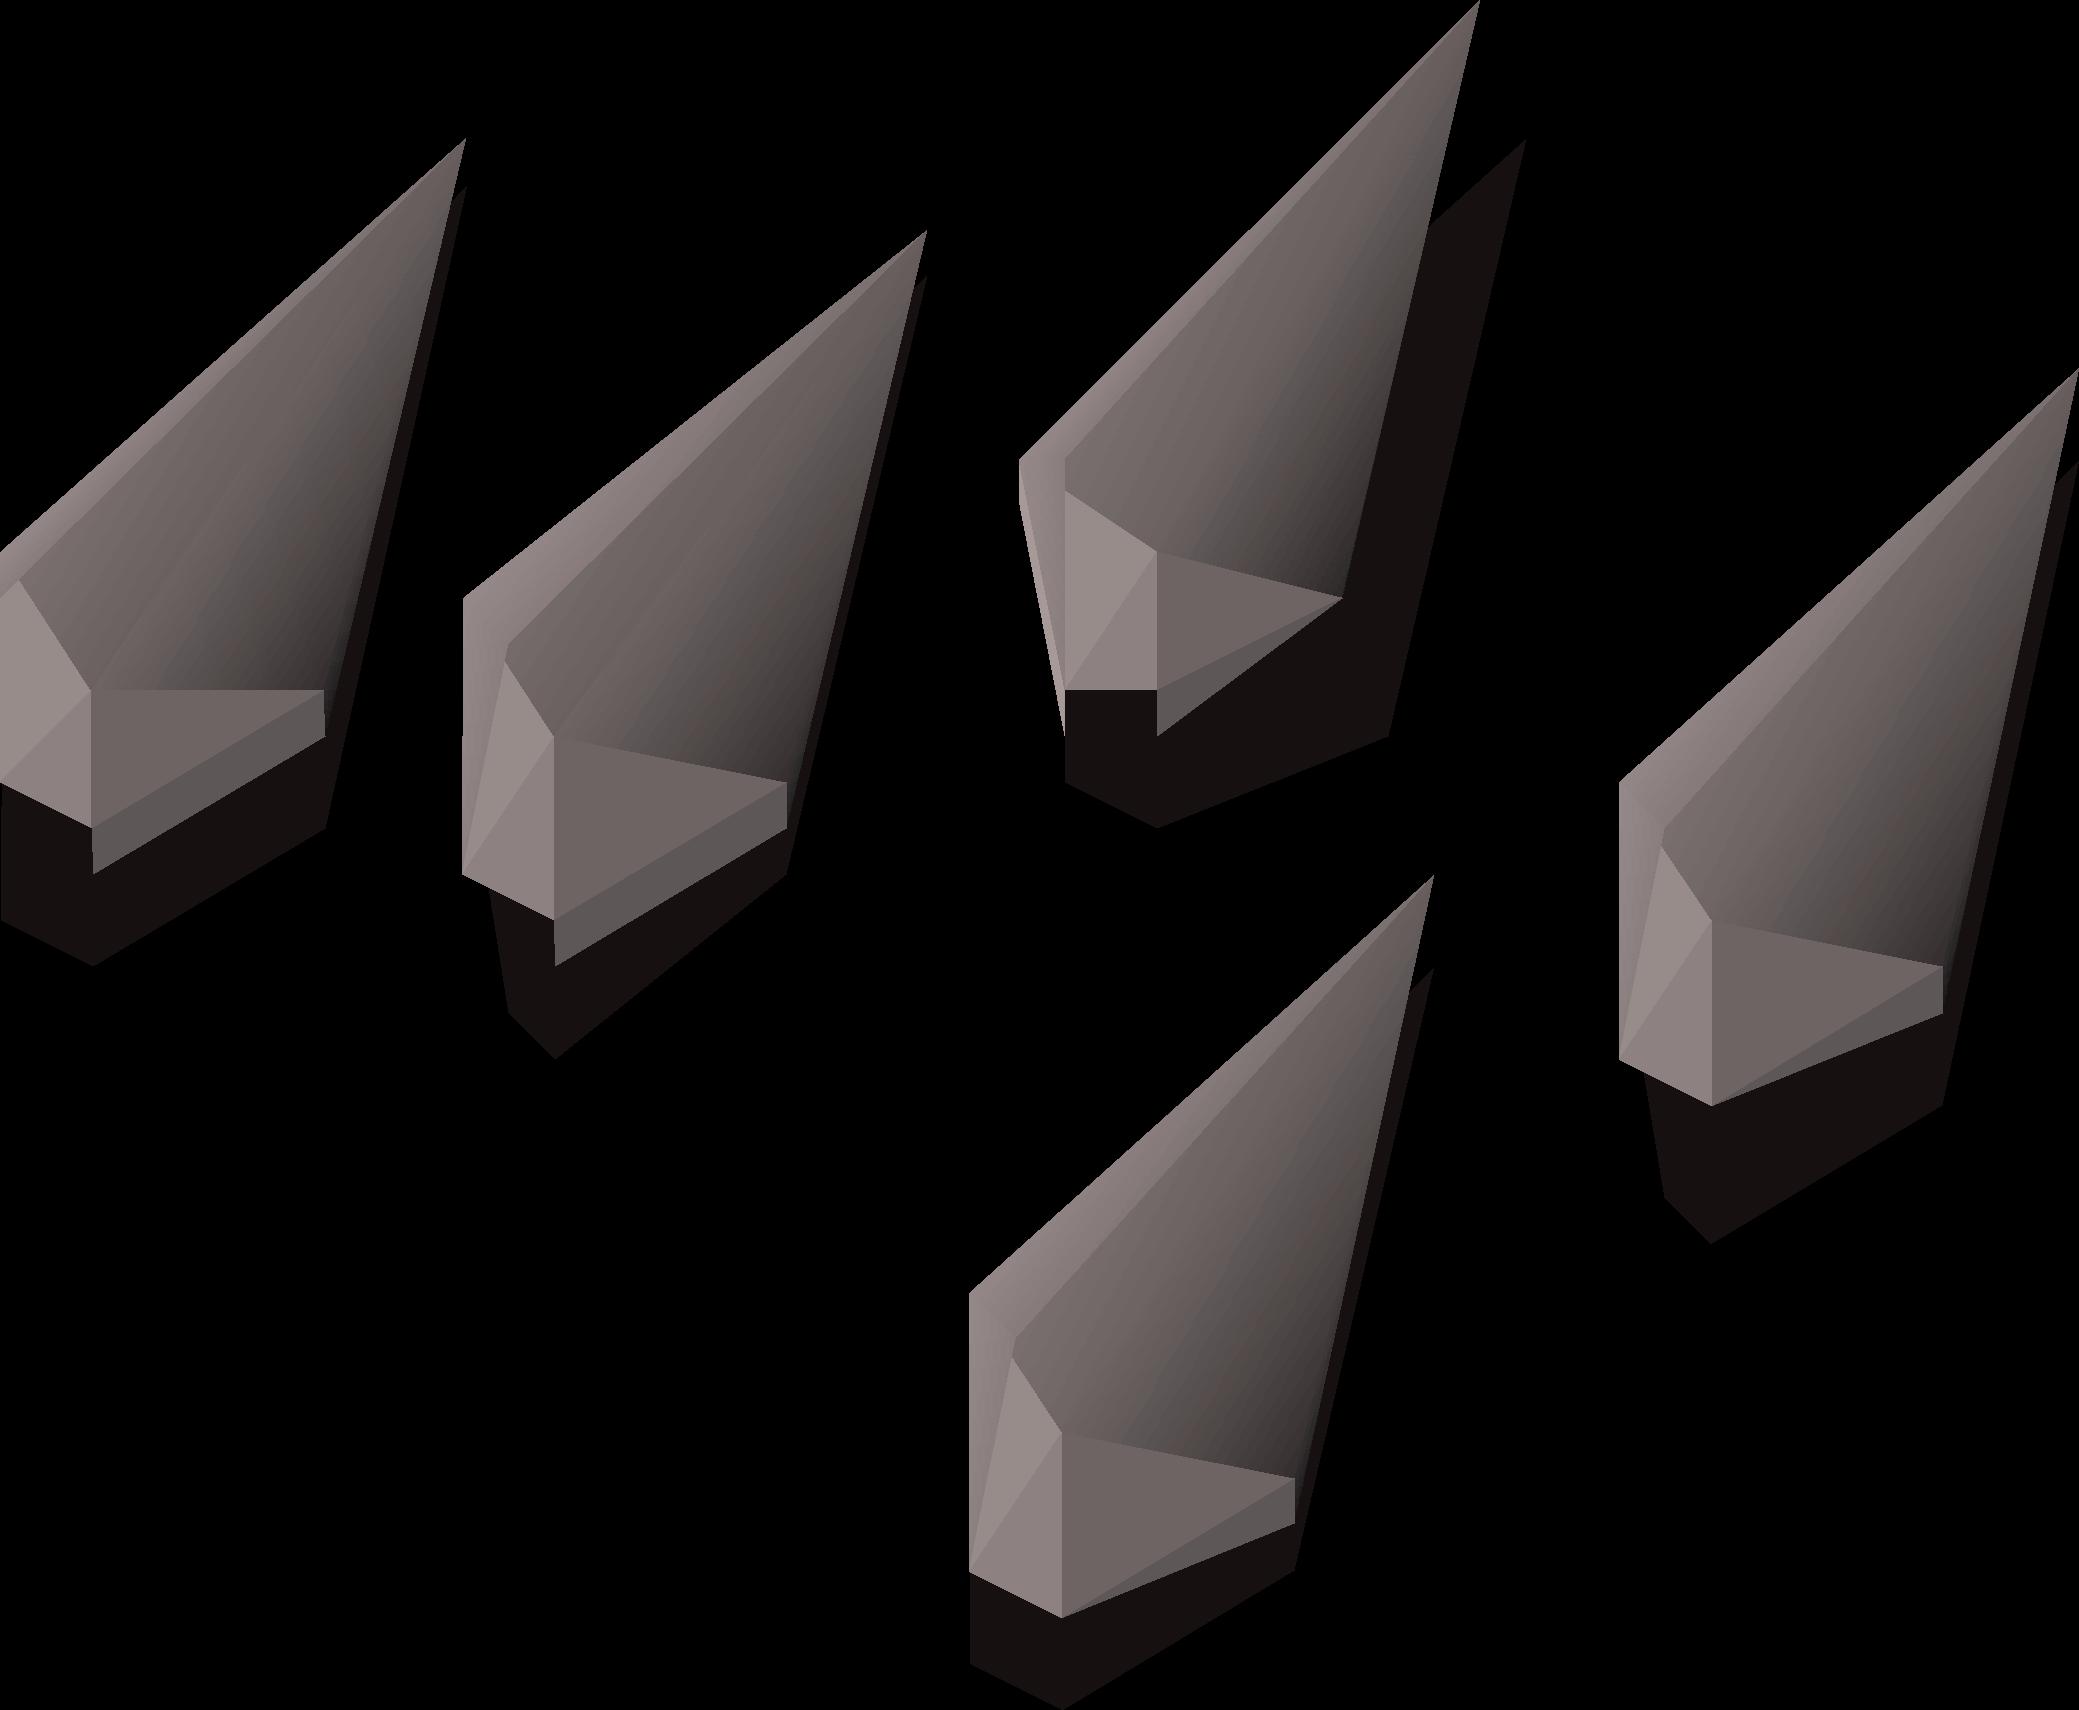 Steel arrowtips